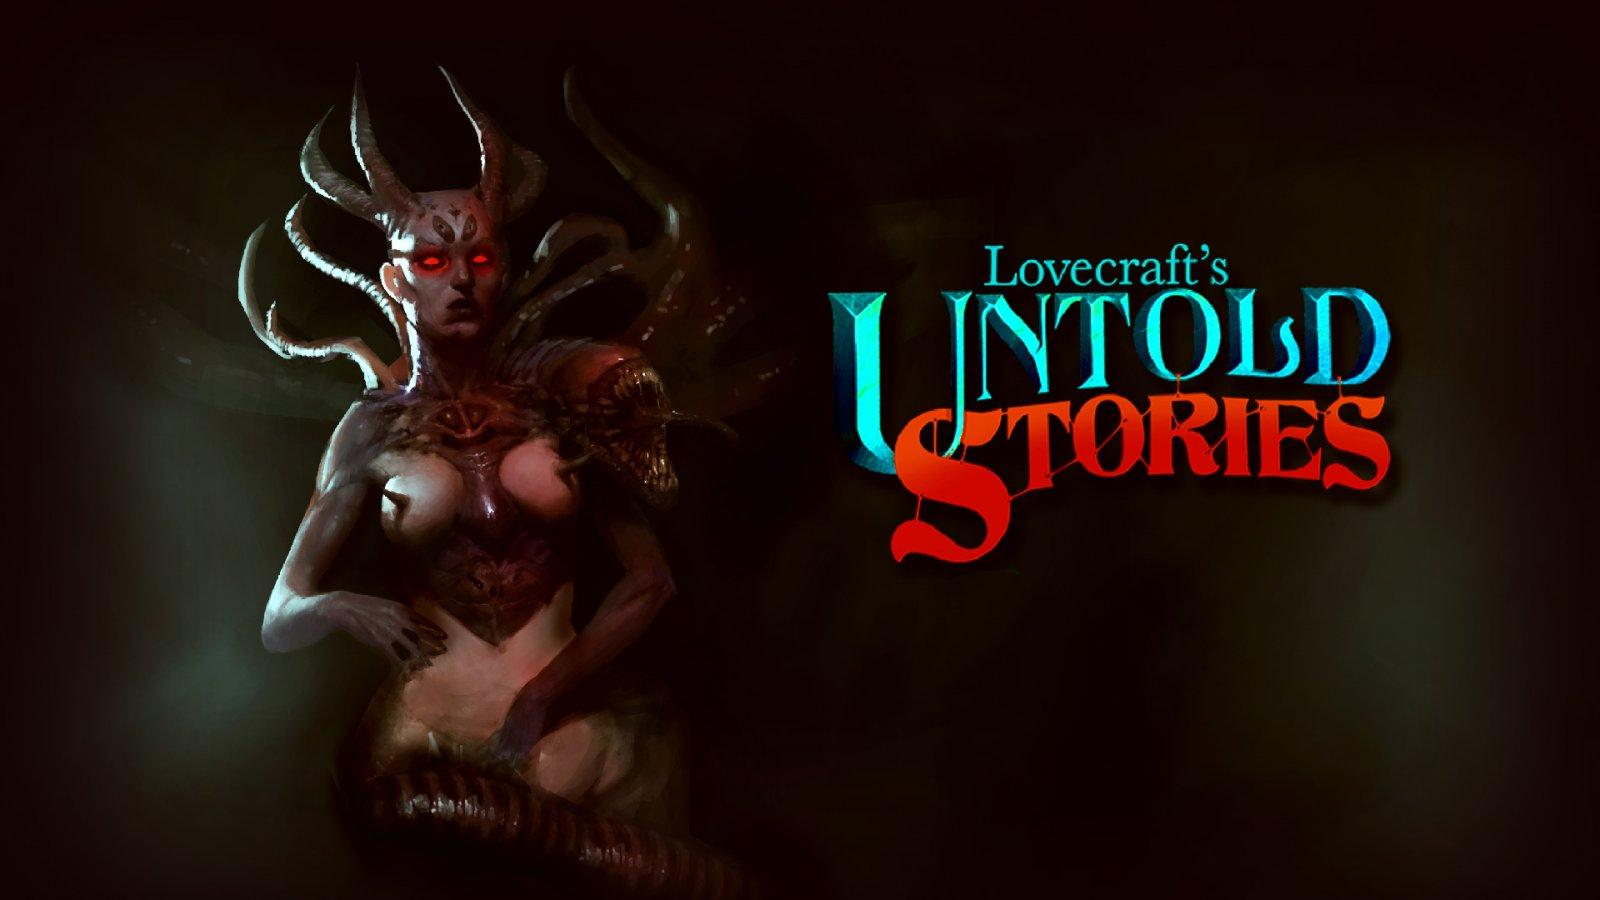 lovecrafts-untold-stories-confirma-lanzamiento-en-consolas-frikigamers.com